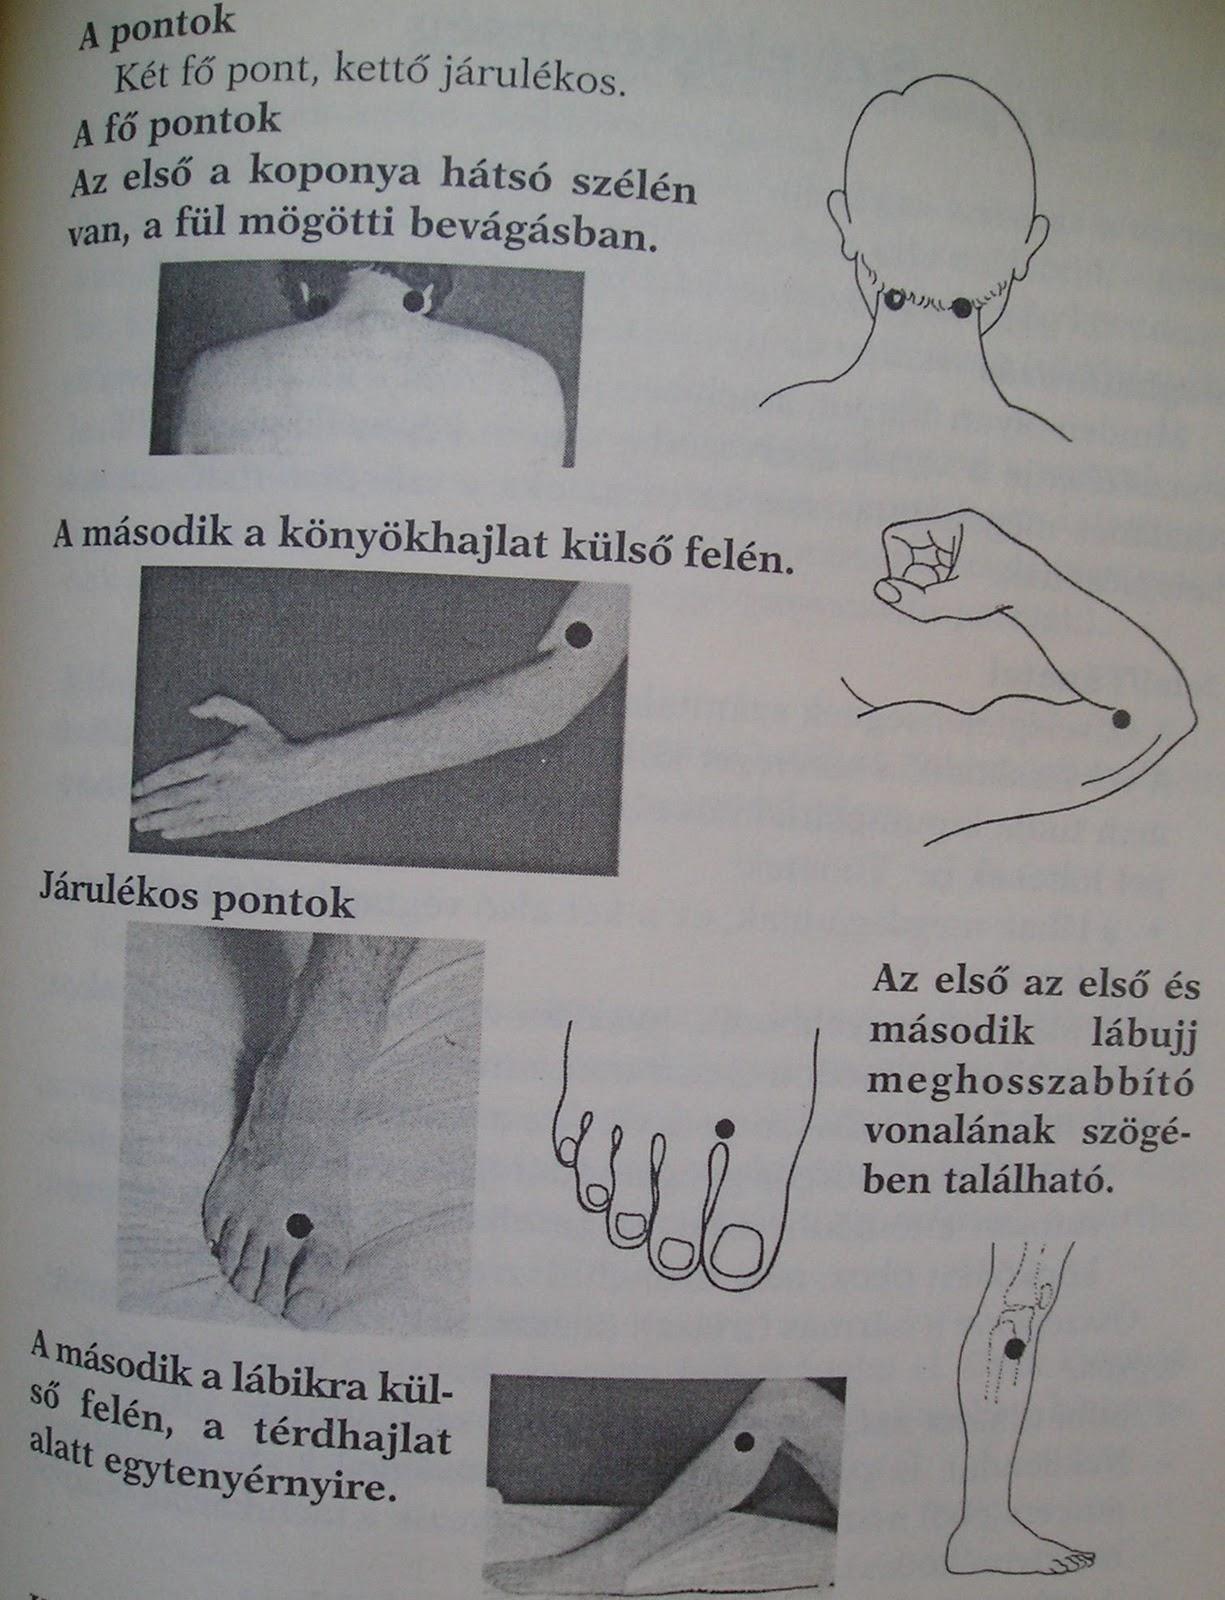 hipertónia kezelése gyermekeknél ajánlások ausztria hipertónia kezelése